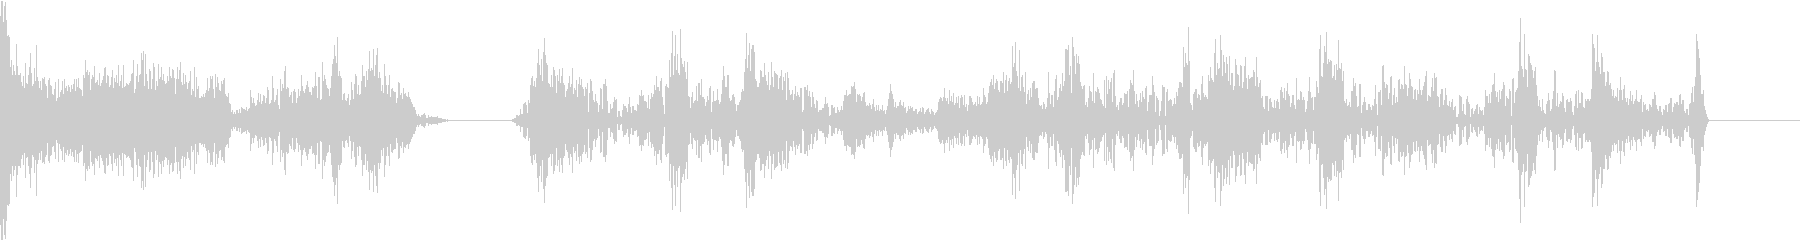 TVFX POPなザッピング音 9の未再生の波形